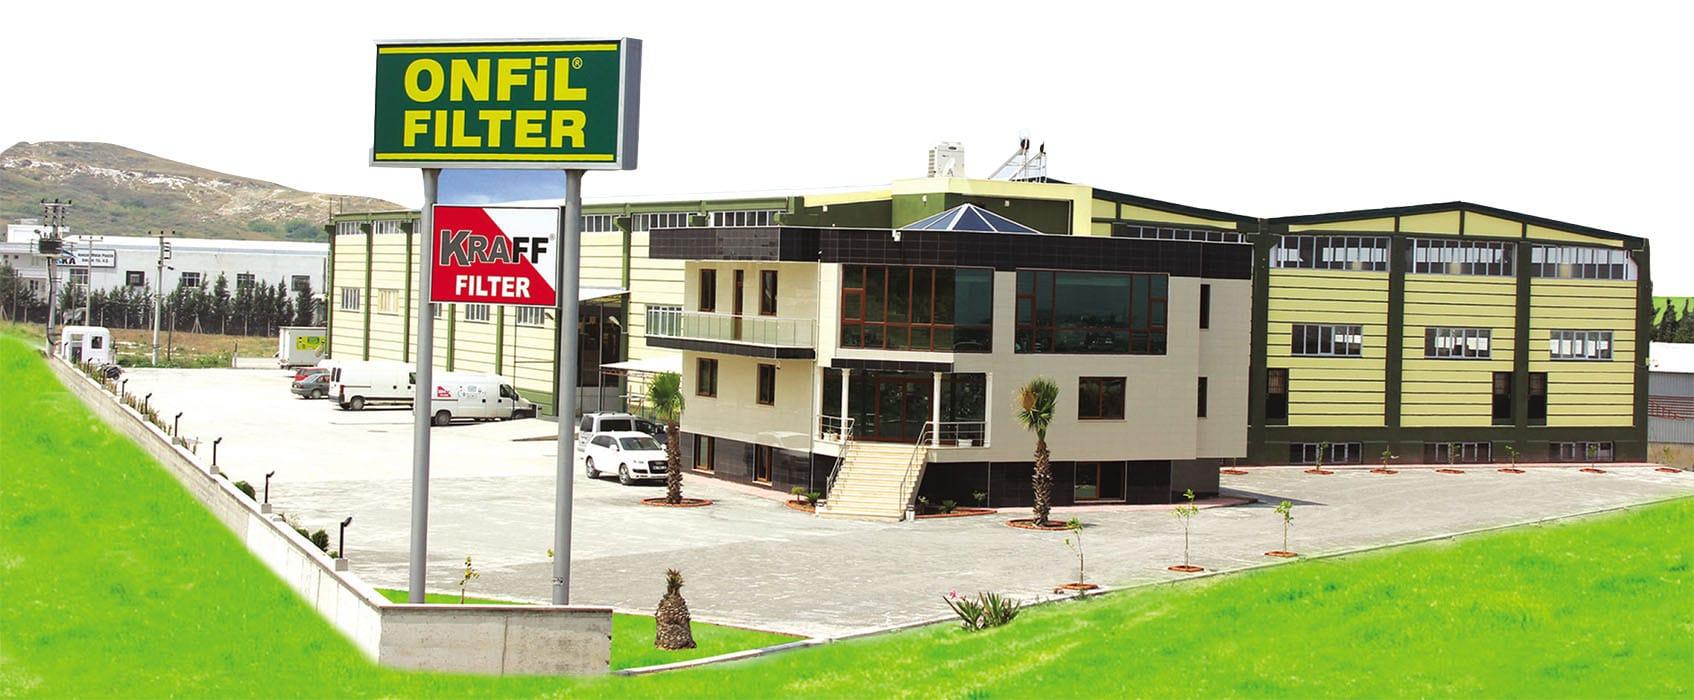 onfiltre fabrika Onfiltre (Onfil Filter & Kraff Filter)